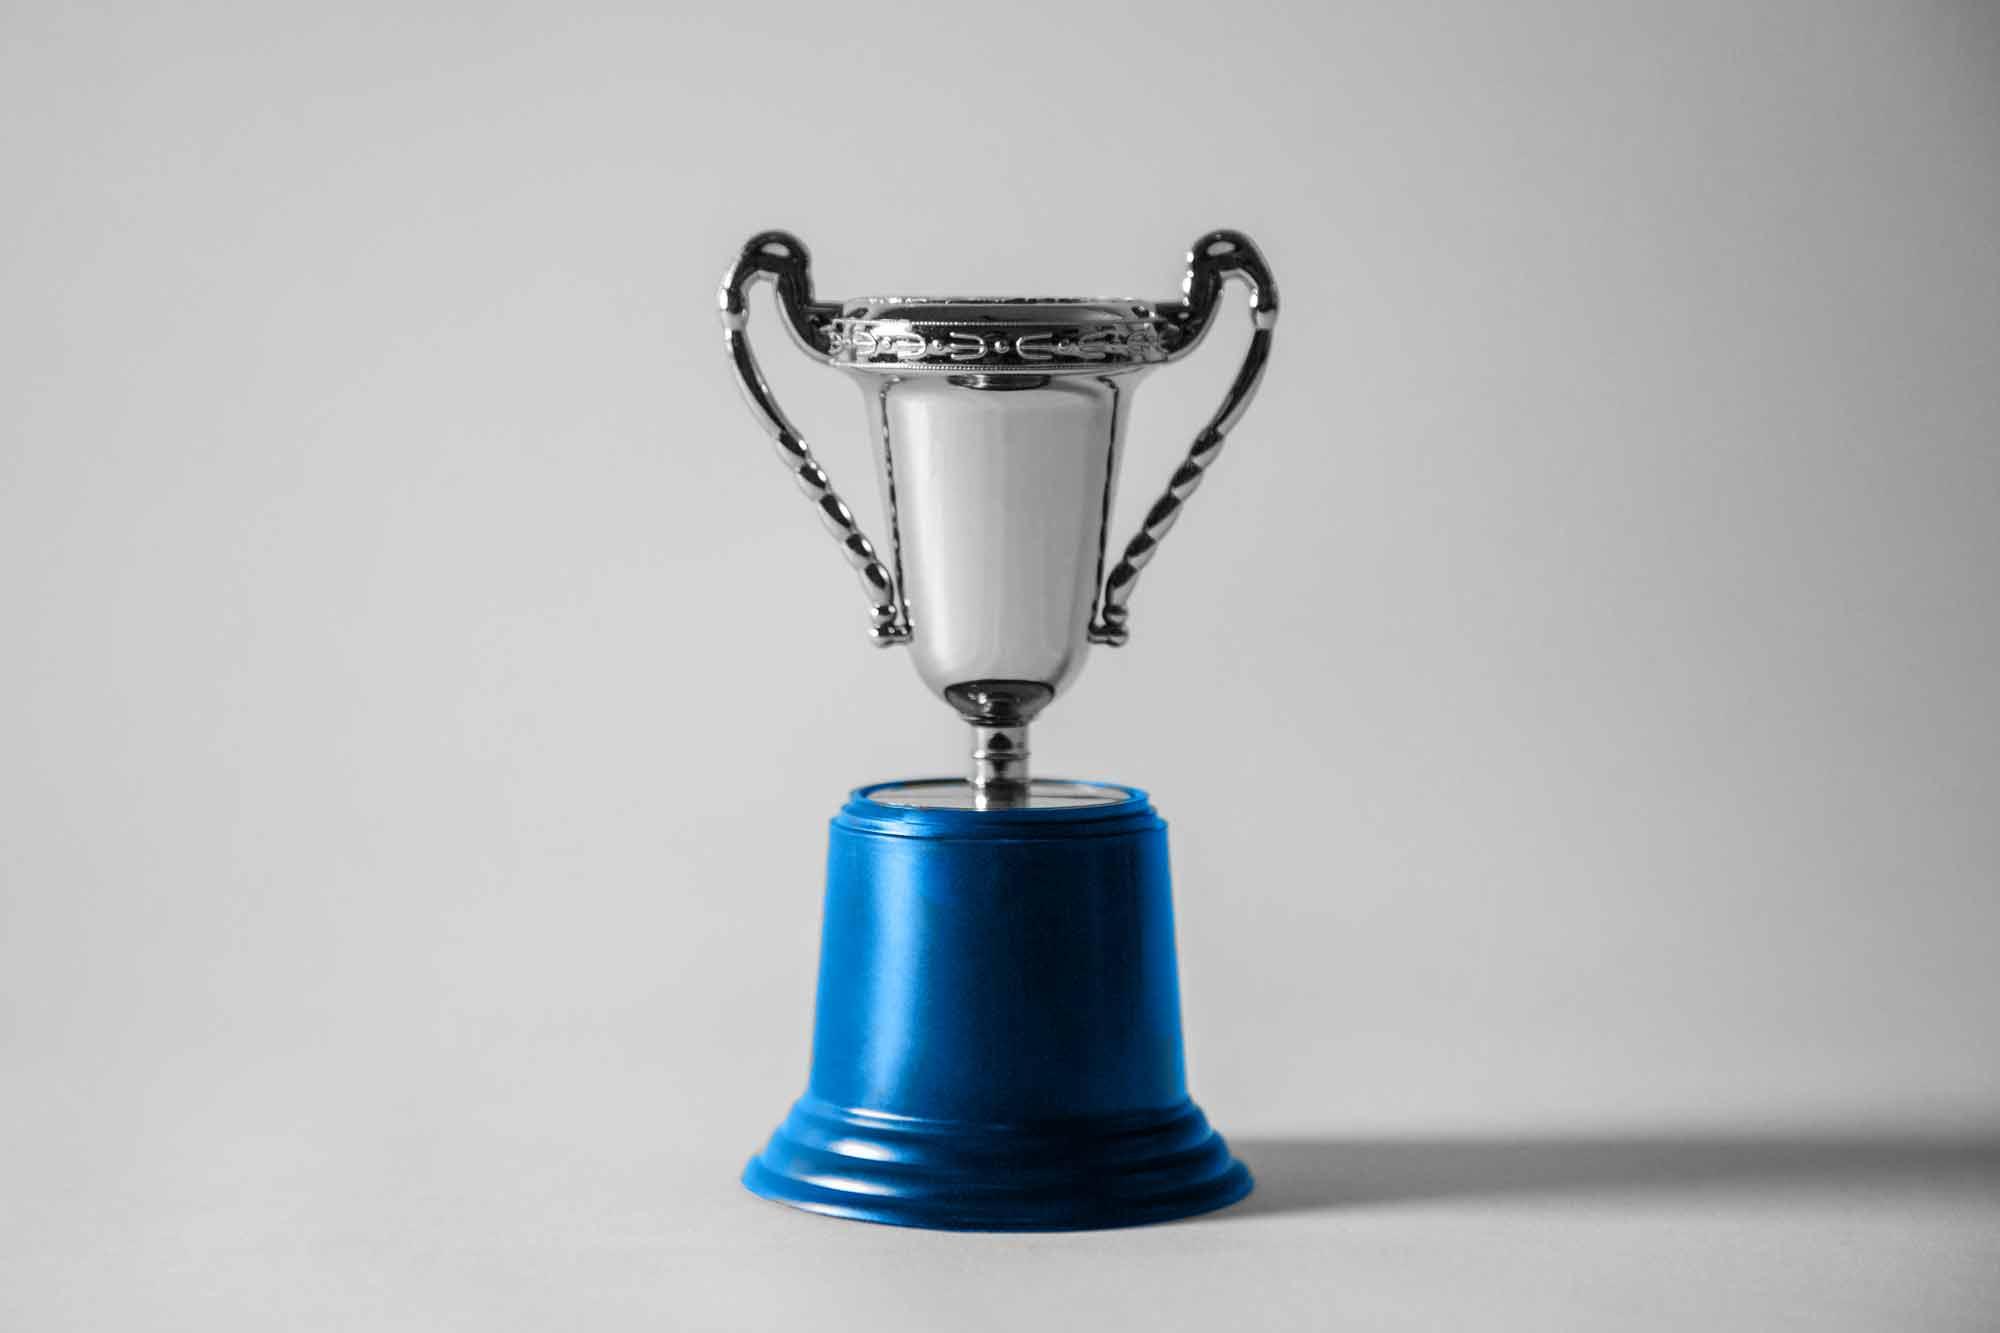 Récompenses et prix remportés par Life Plus